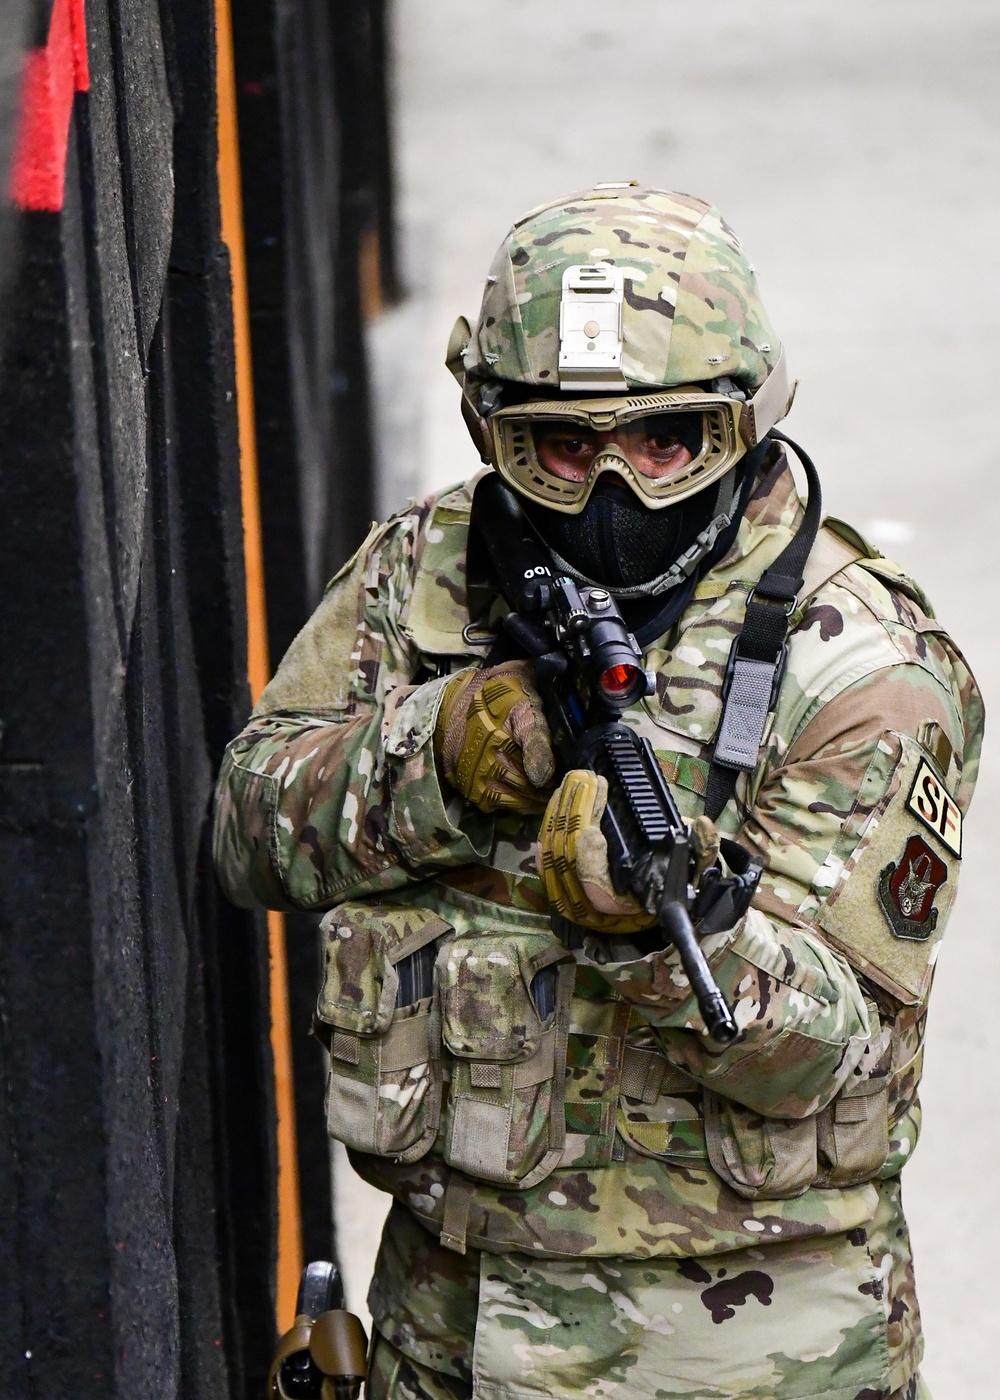 IDLC: Live-fire training scenarios